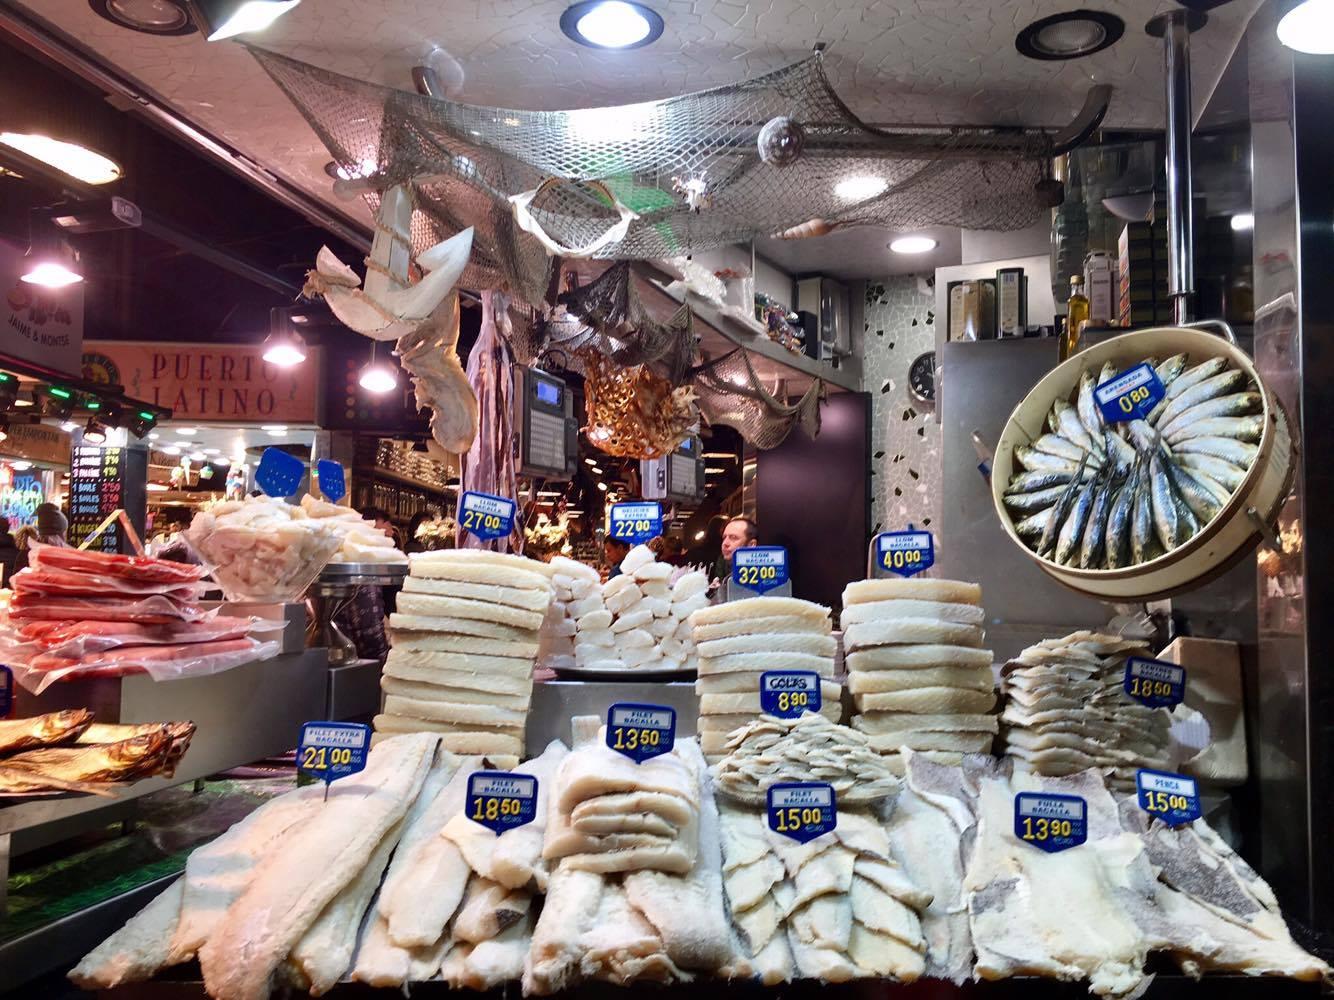 Salted herring